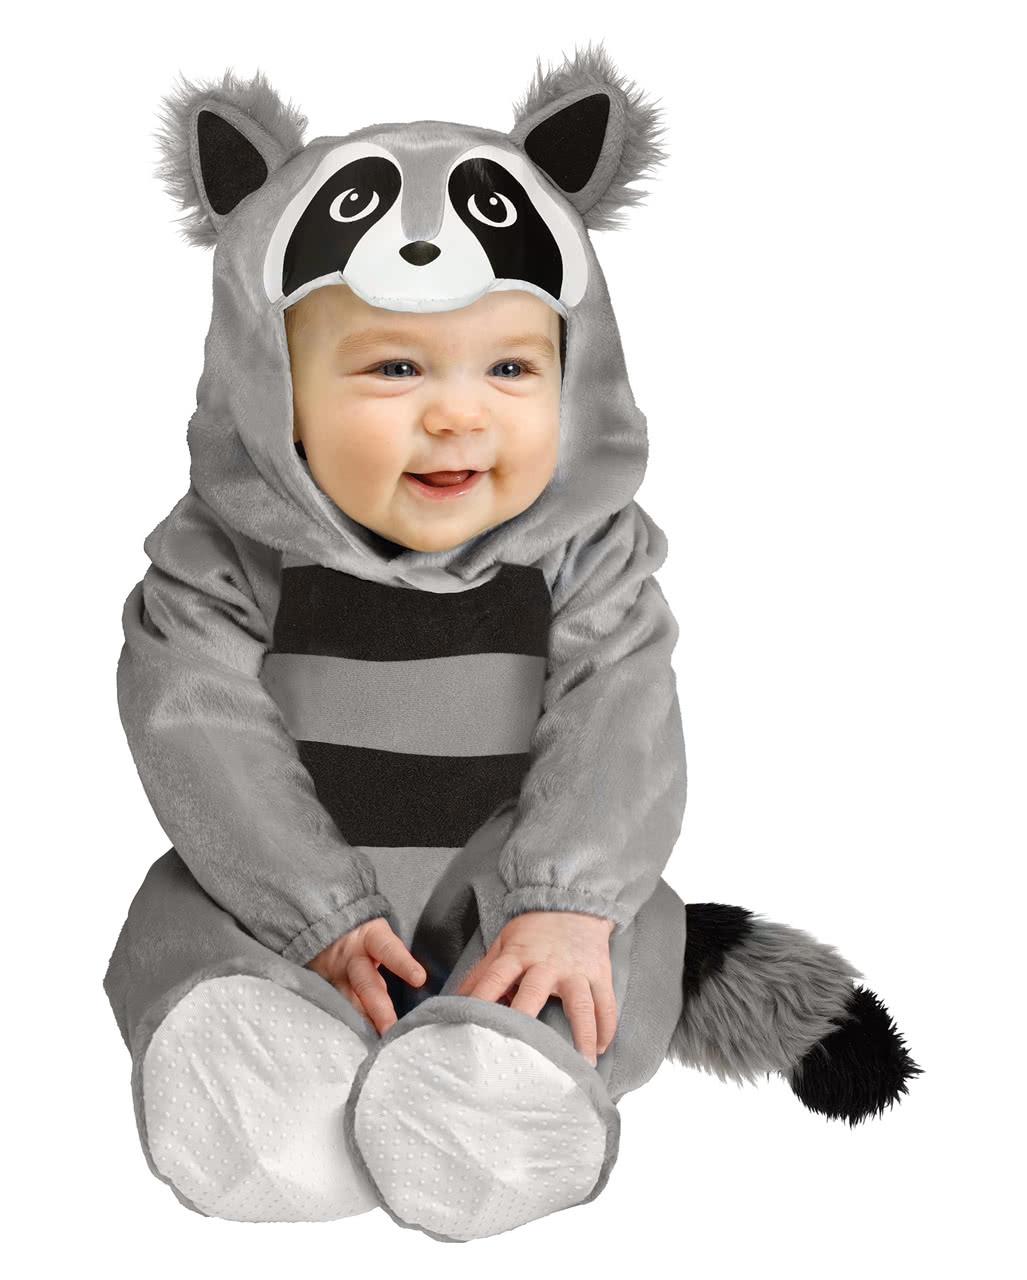 Waschbar Babykostum Fur Fasching Horror Shop Com